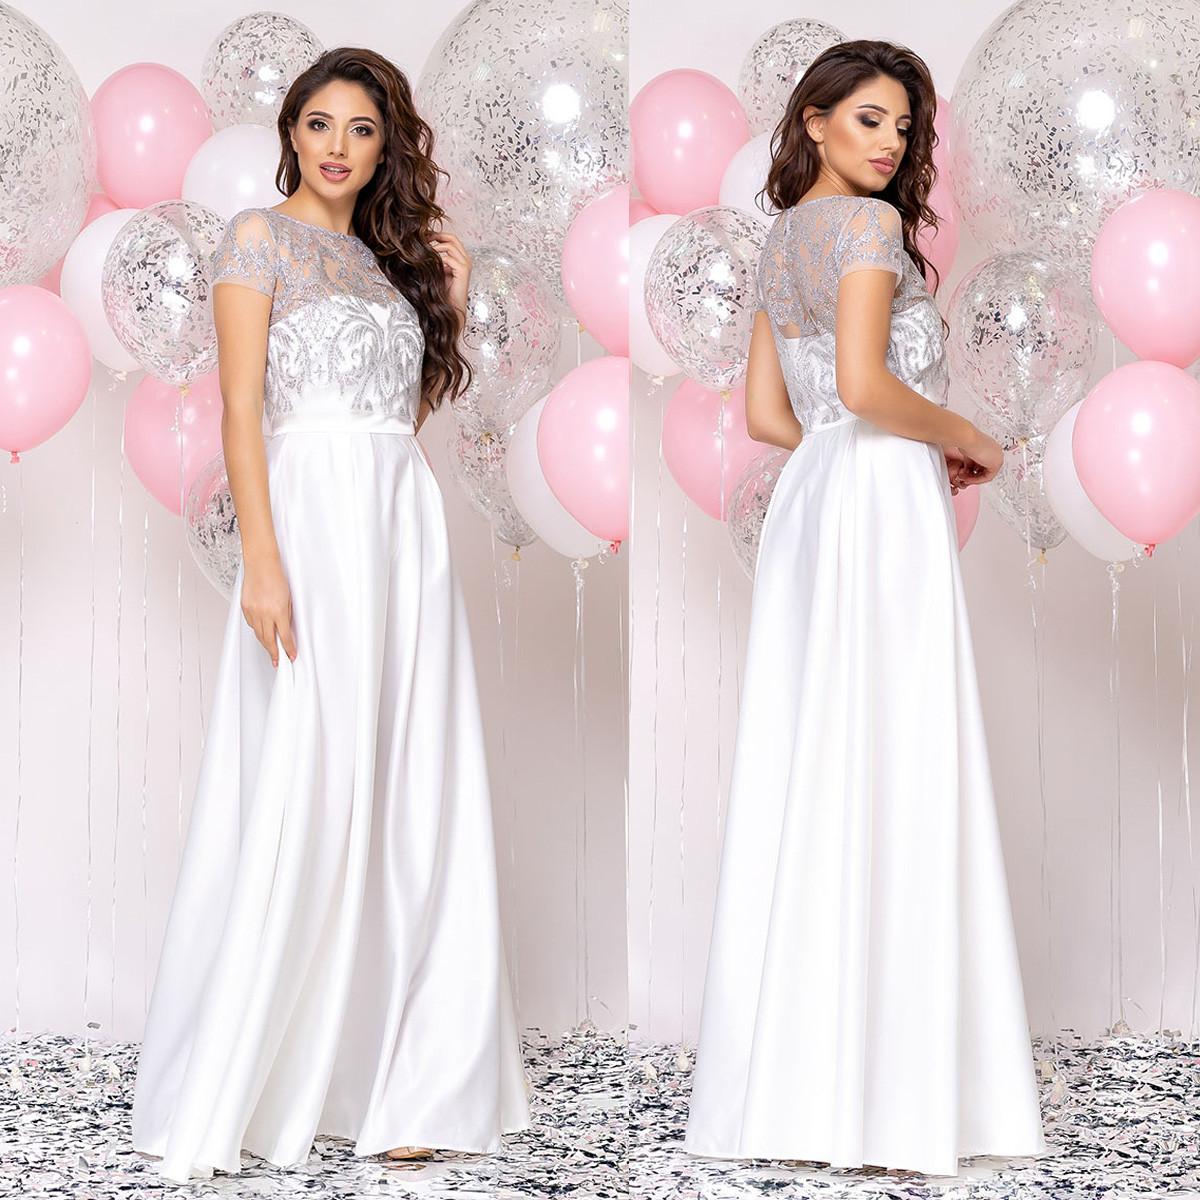 """Вечірній біле плаття в підлогу, весільне, на розписку """"Меллоні"""""""